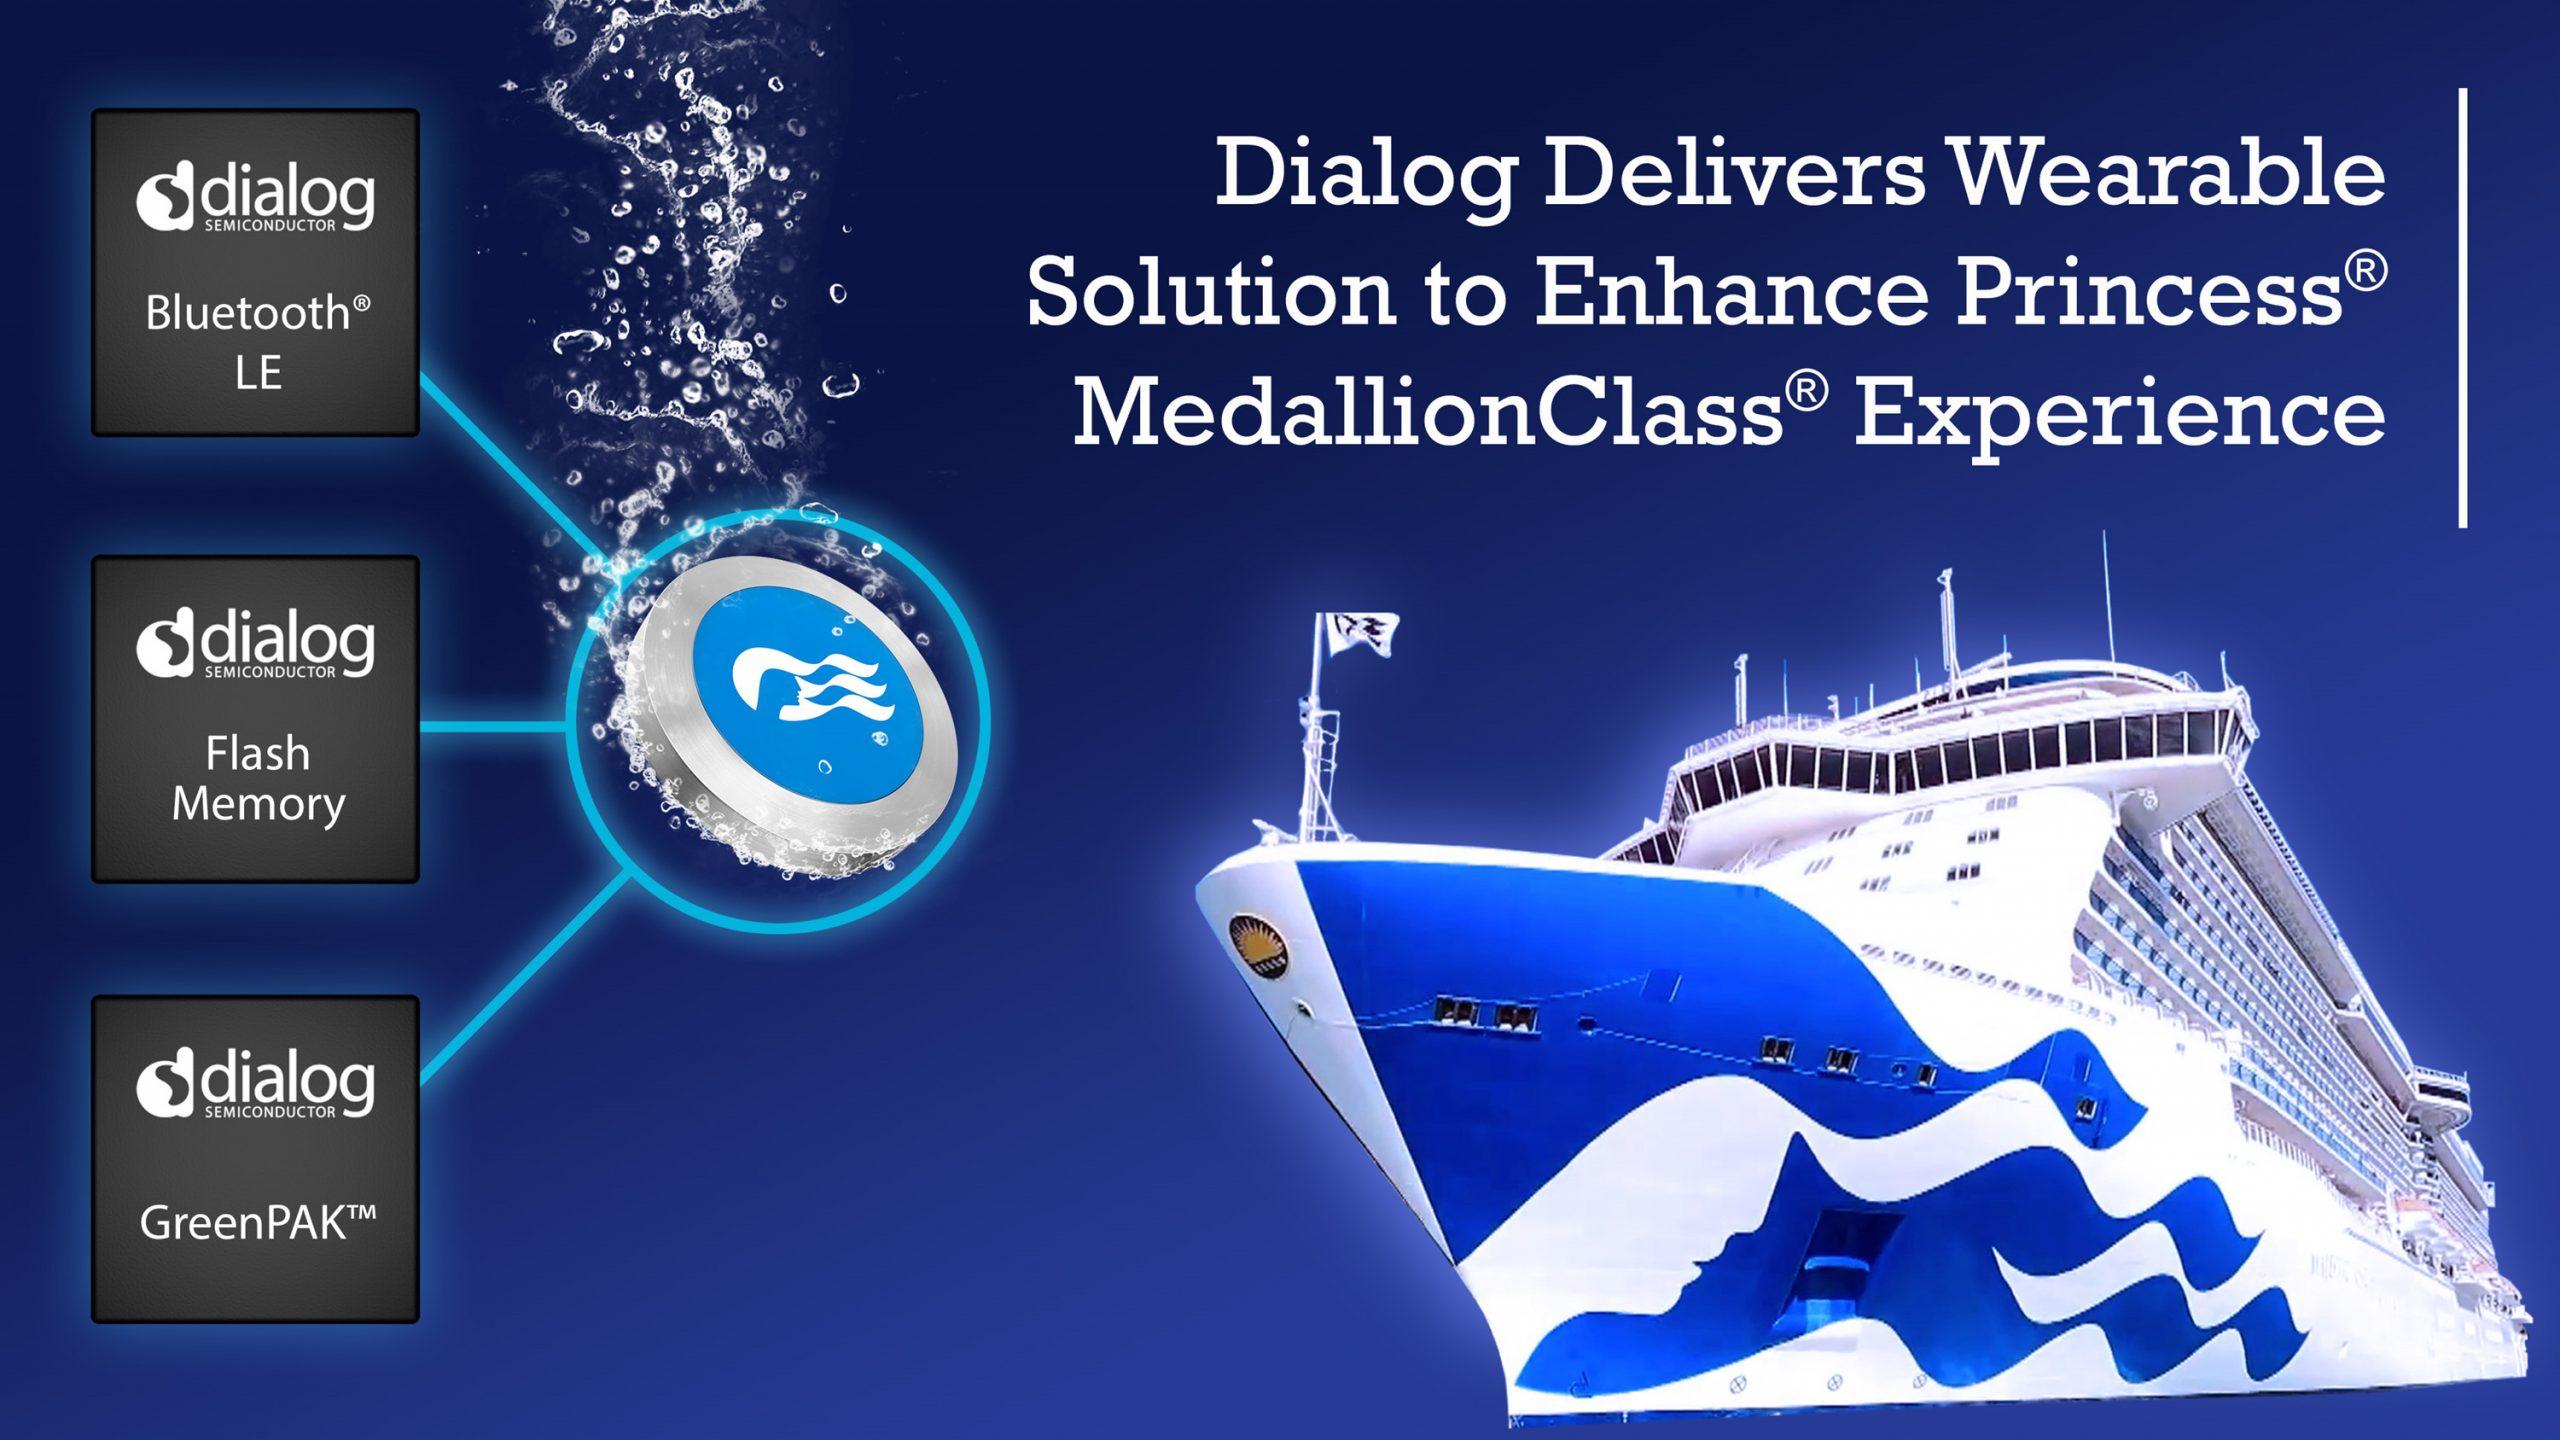 Dialog为嘉年华邮轮集团的OceanMedallion™可穿戴设备提供具备WiRa™功能的芯片解决方案